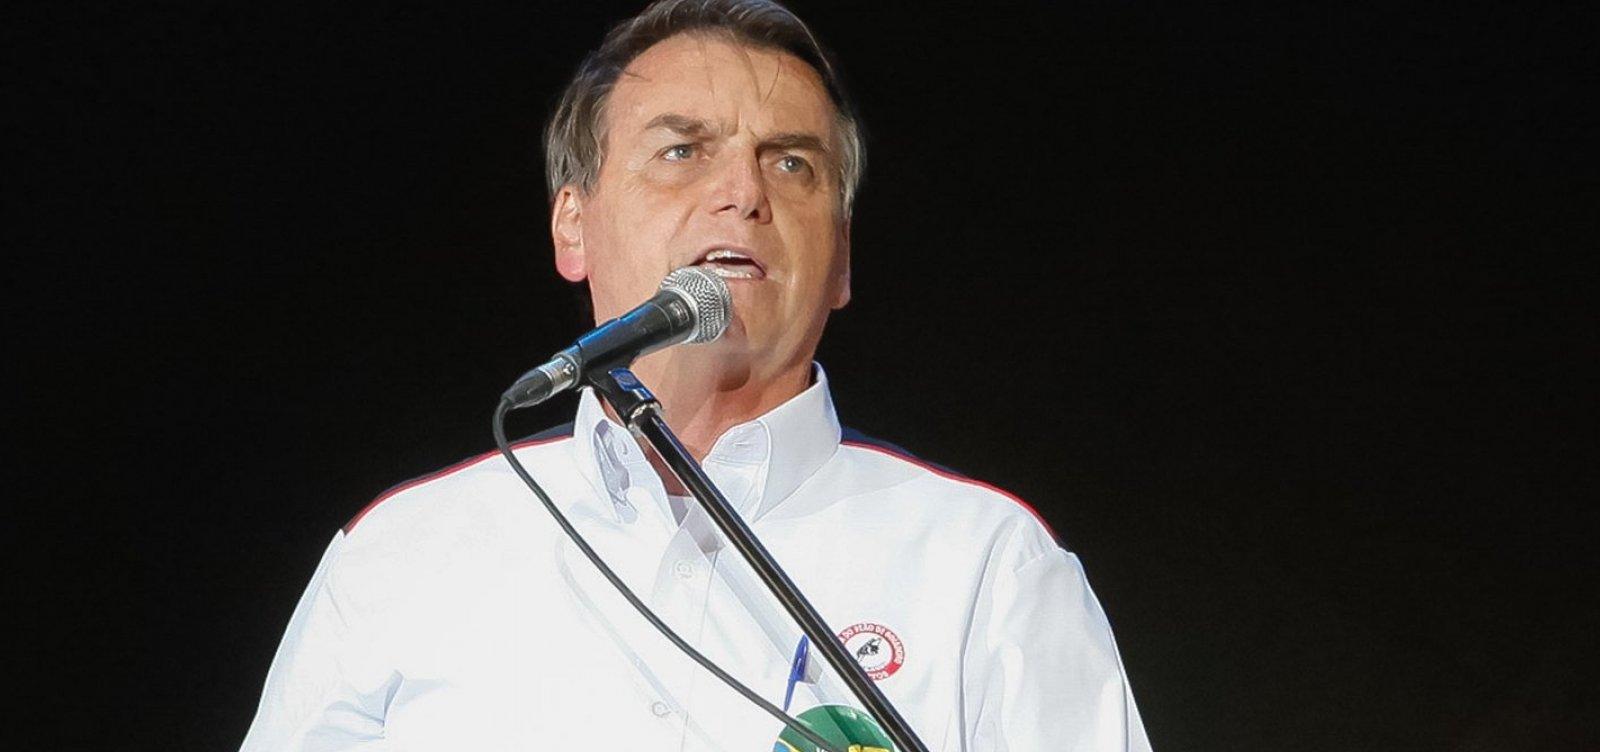 [Indicações ao novo Coaf ficarão com presidente do BC, diz Bolsonaro]